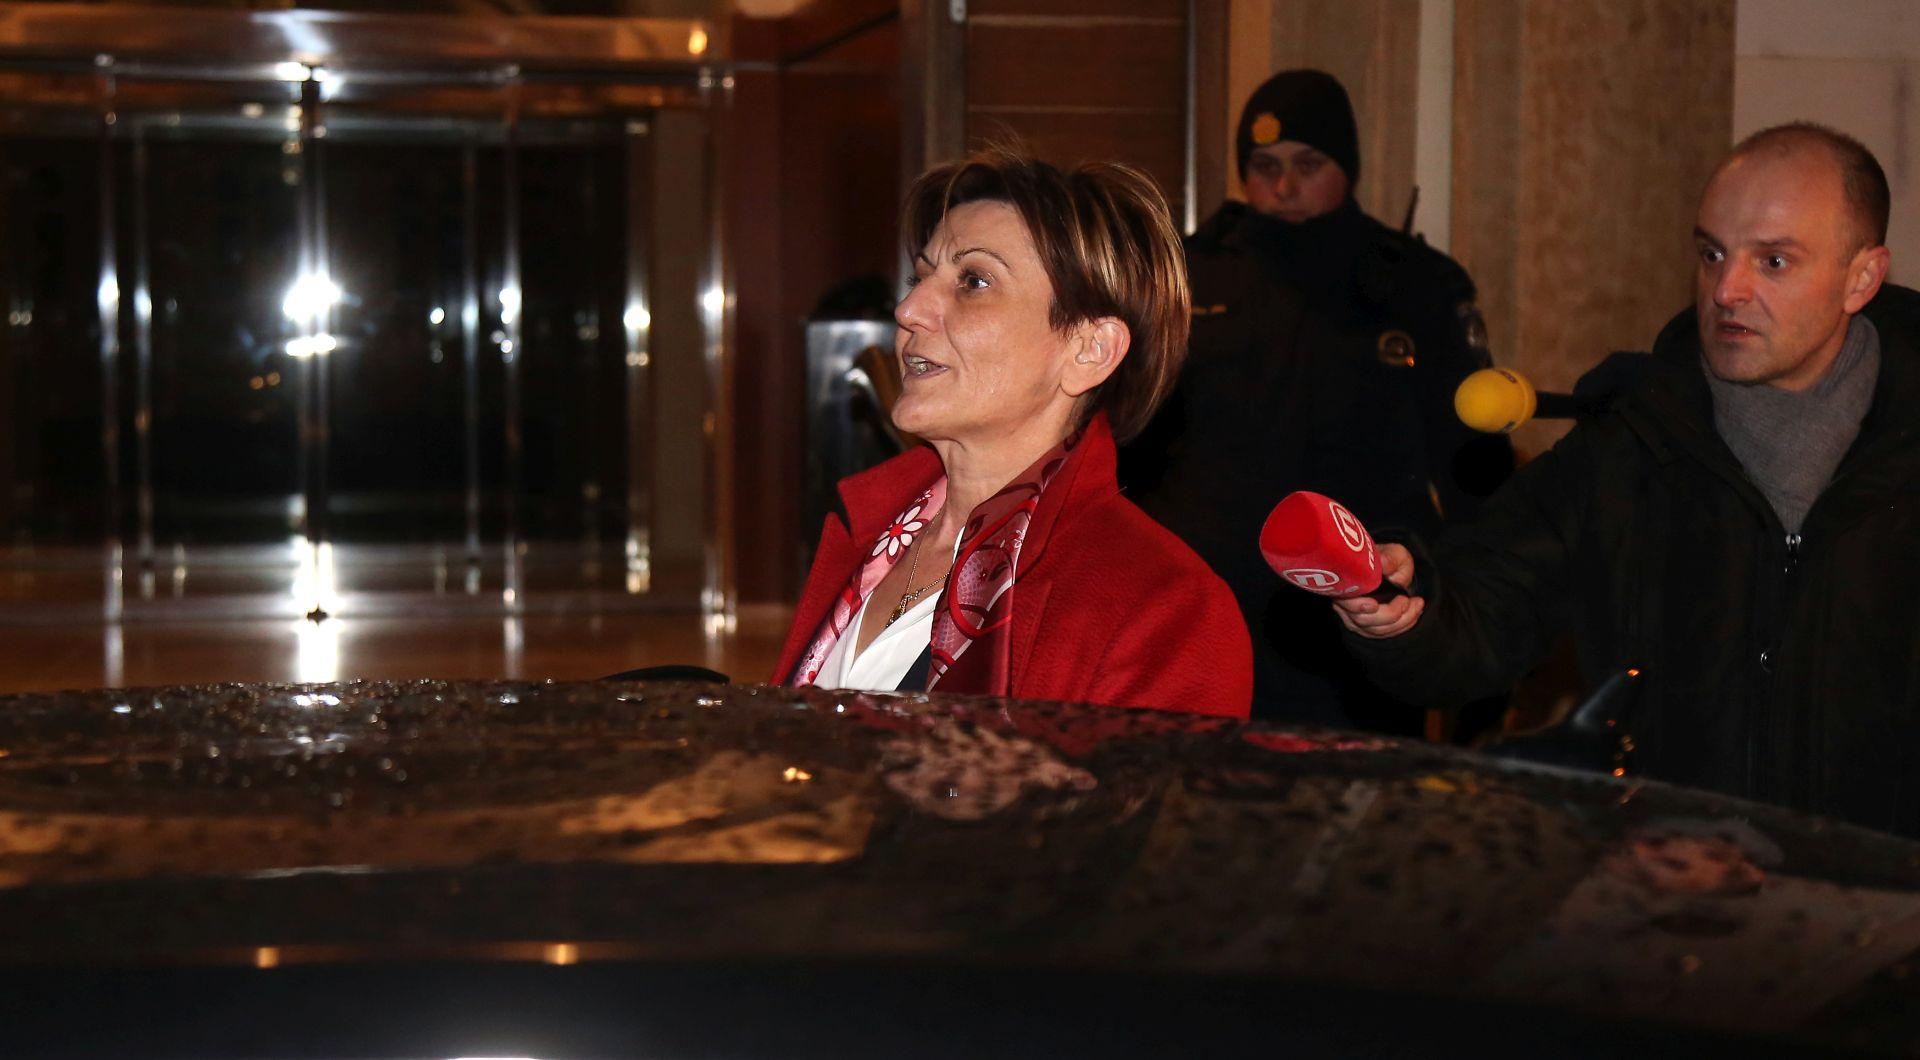 'Dalić nastavlja svoj posao kao i dosad'